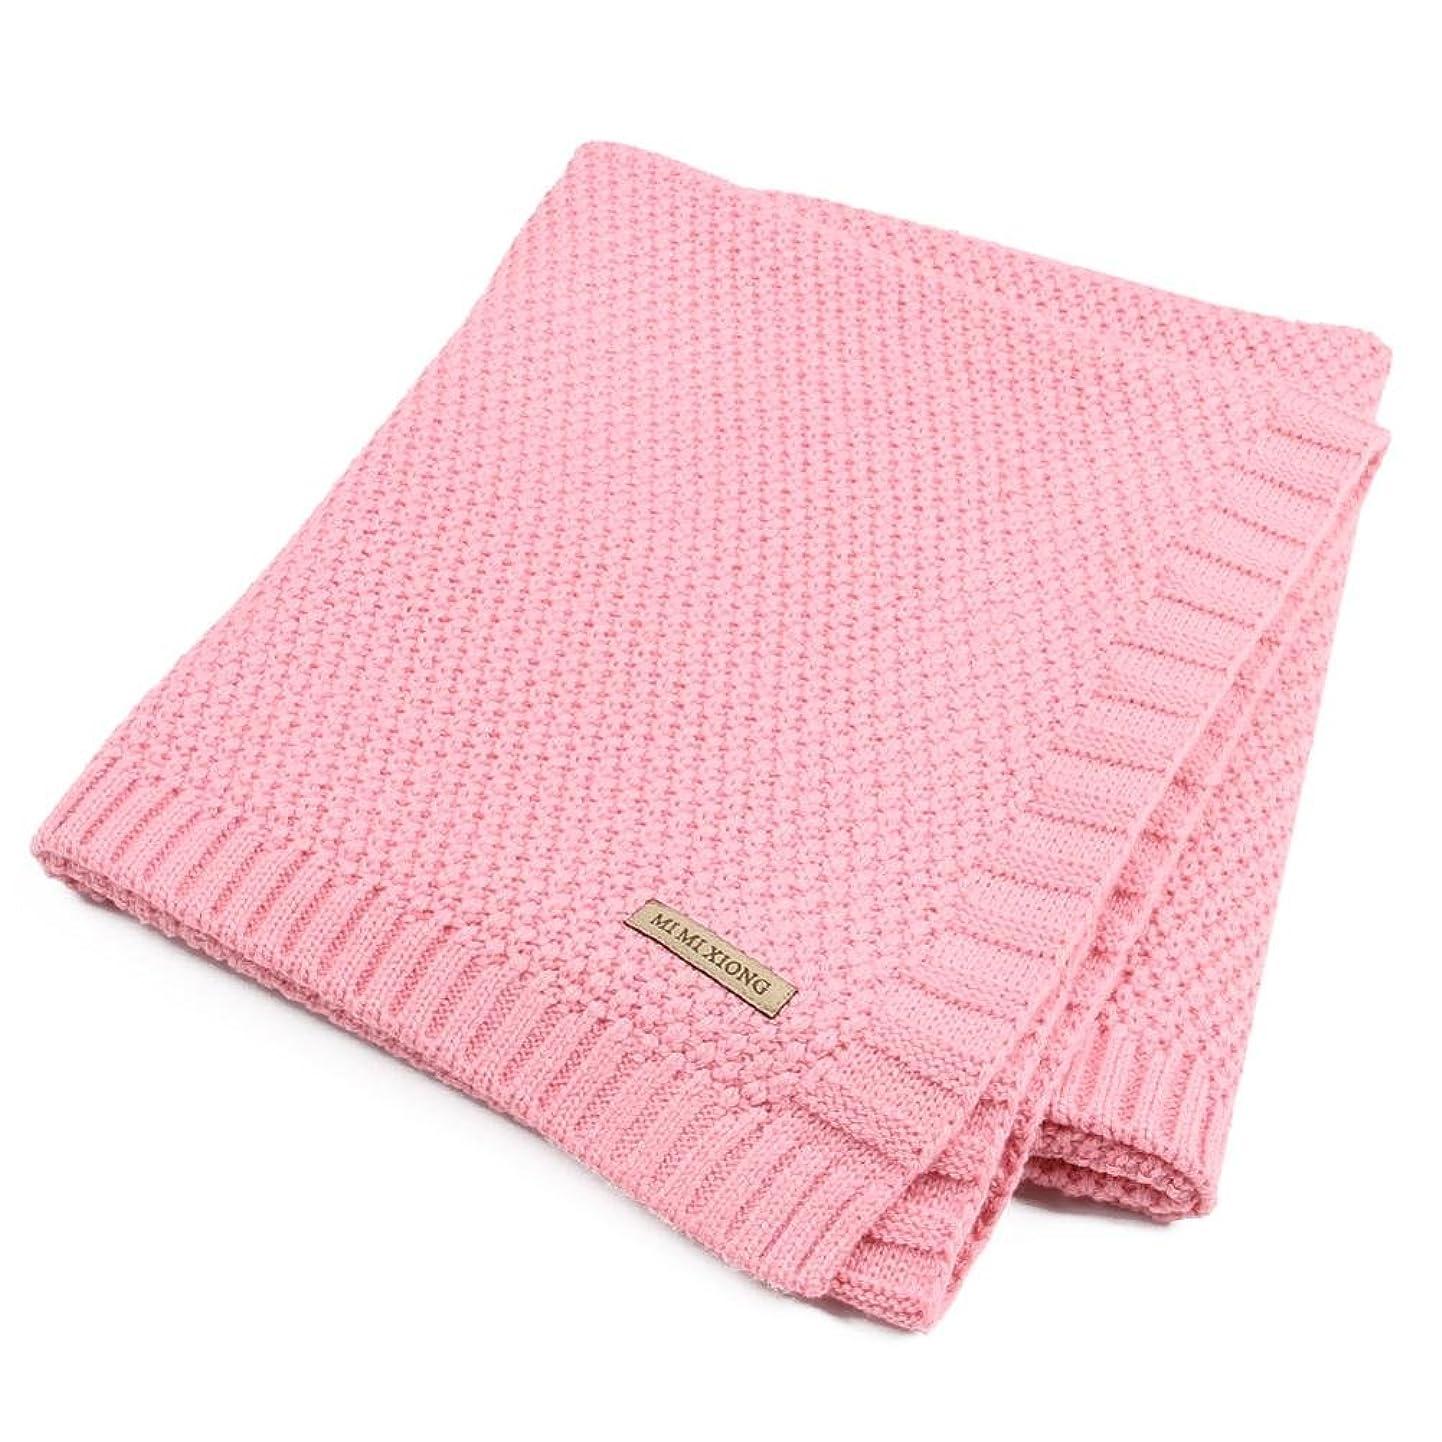 最愛のあそこたまに毛布 ニットブランケット ベービー 北欧 洗える 軽量 柔らかい 子供 ベビー毛布 冷房対策 通年使用 100×80cm